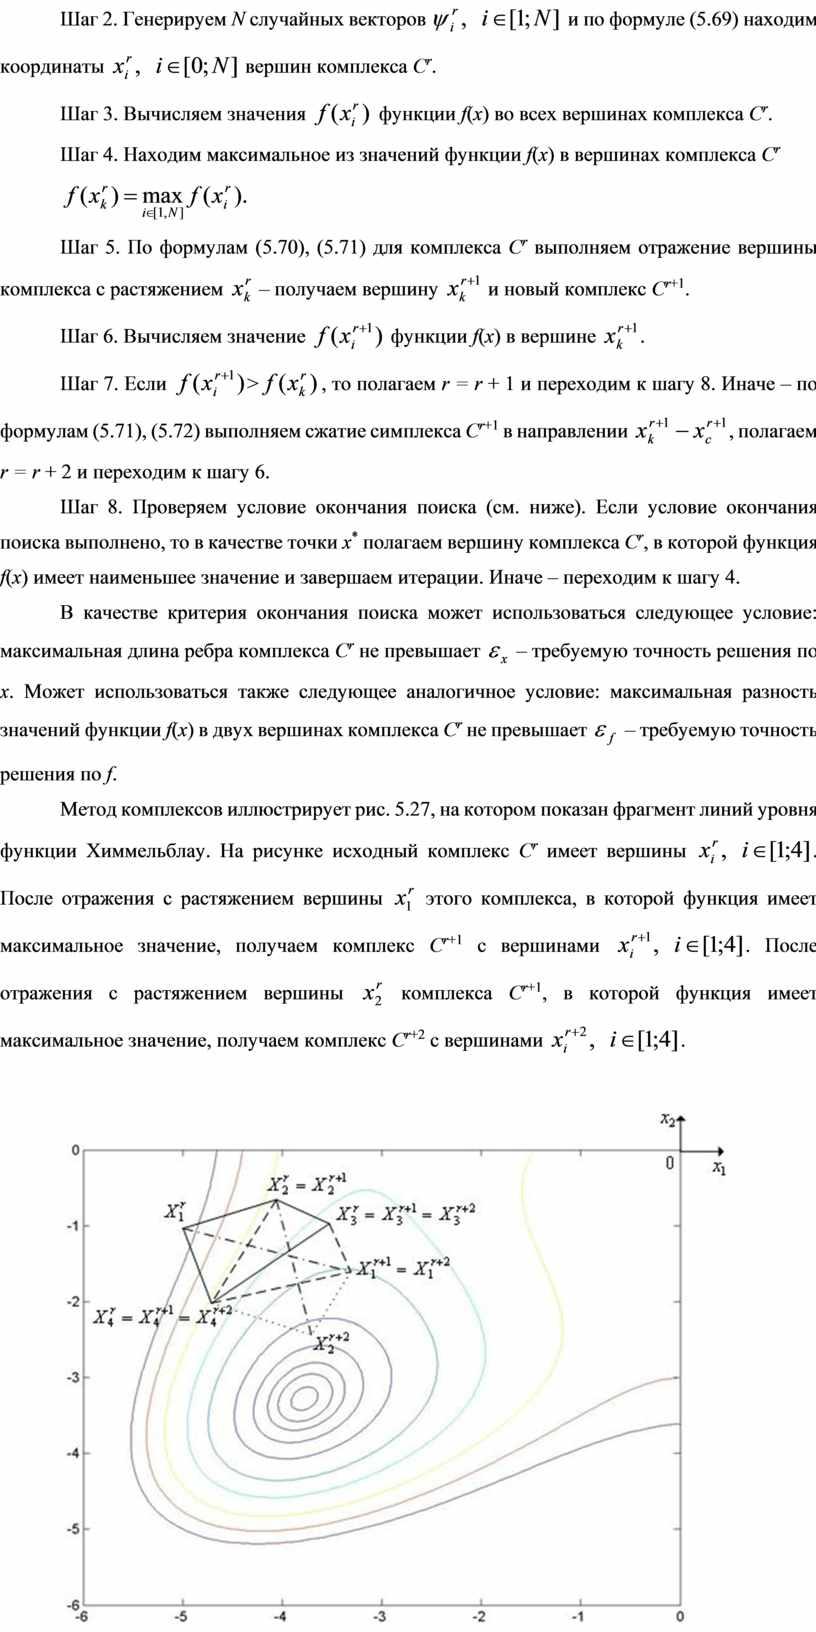 Шаг 2. Генерируем N случайных векторов и по формуле (5